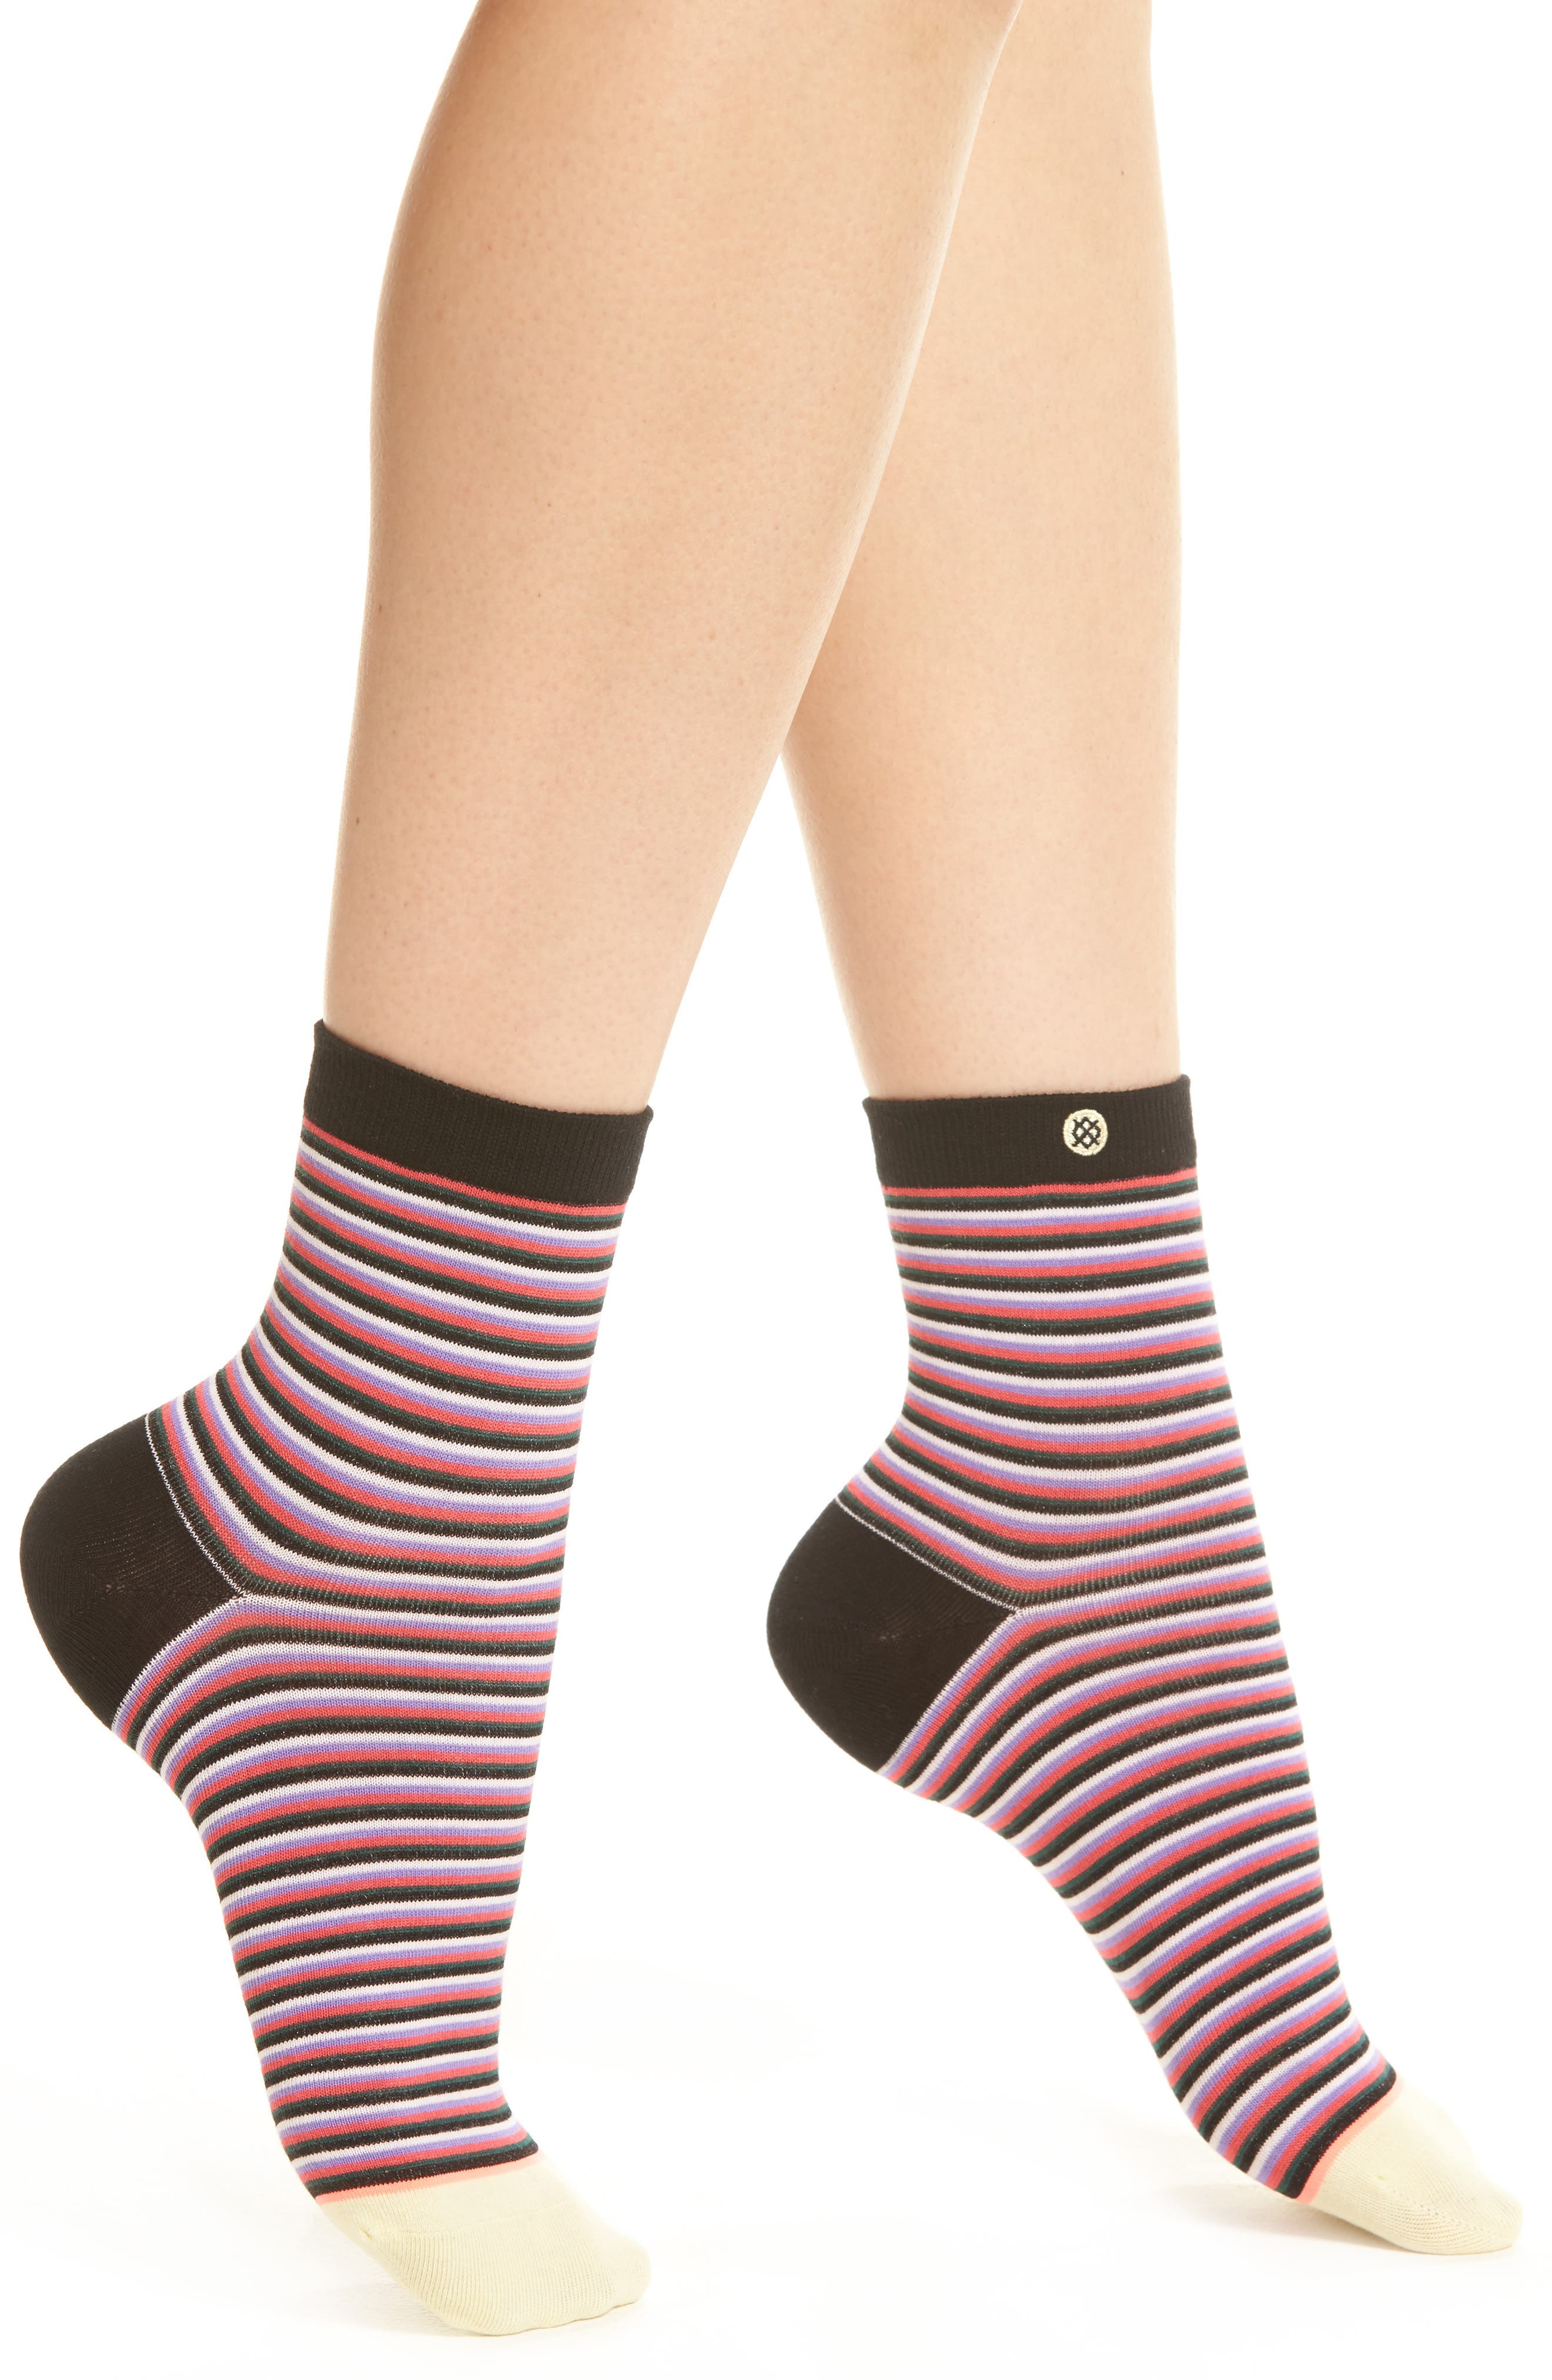 Summerland Ankle Socks,                         Main,                         color, 600